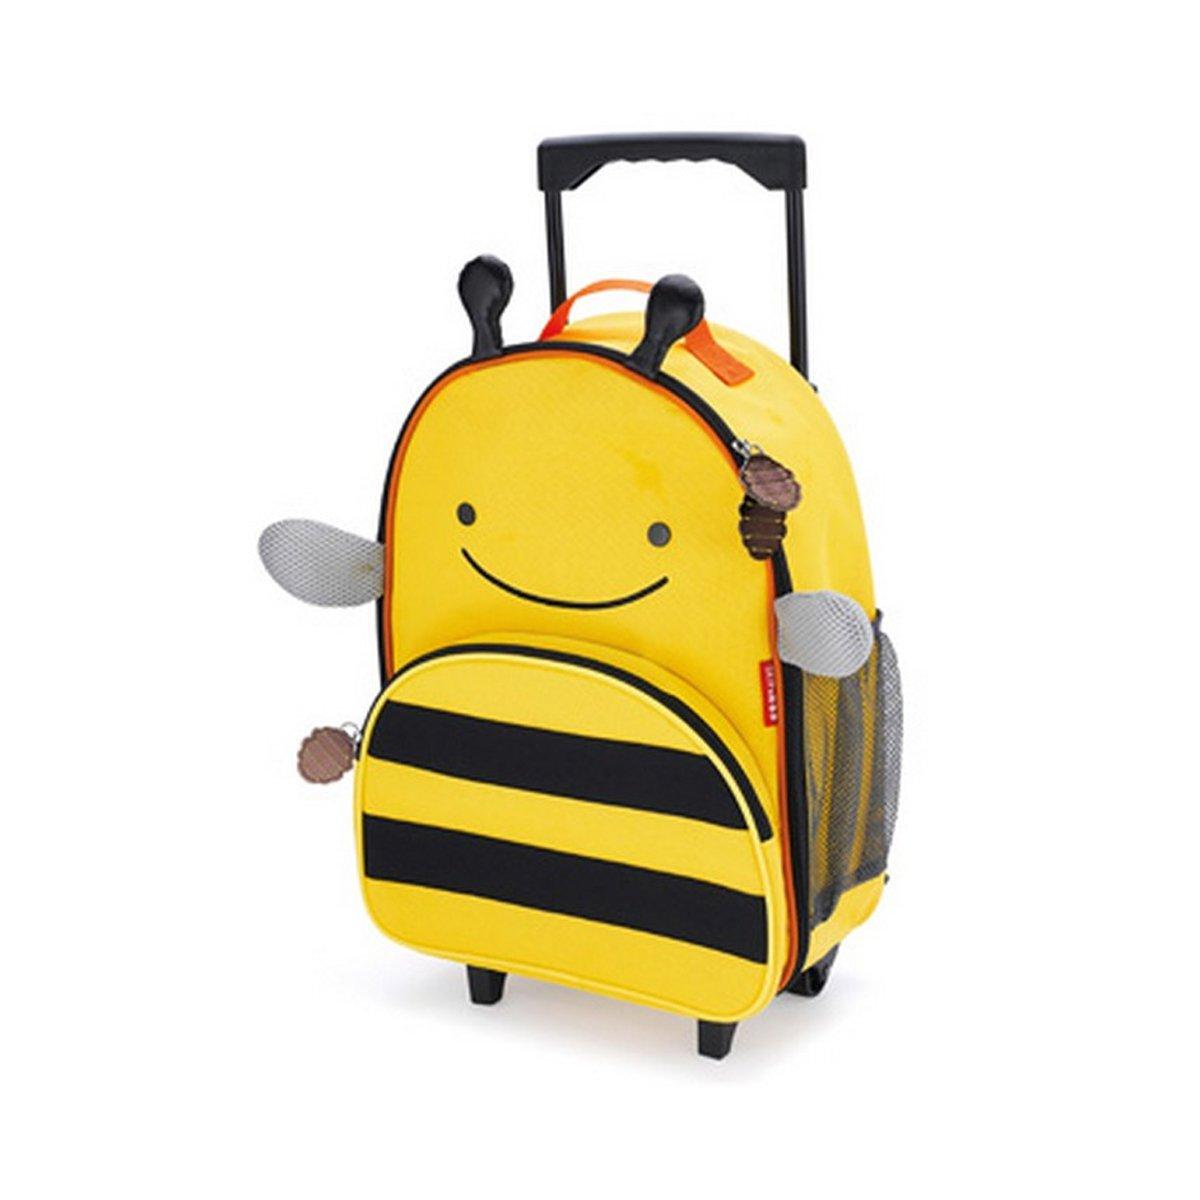 美国skip hop儿童行李箱 可爱动物园系列(小蜜蜂) 可拉可背 时尚拉杆